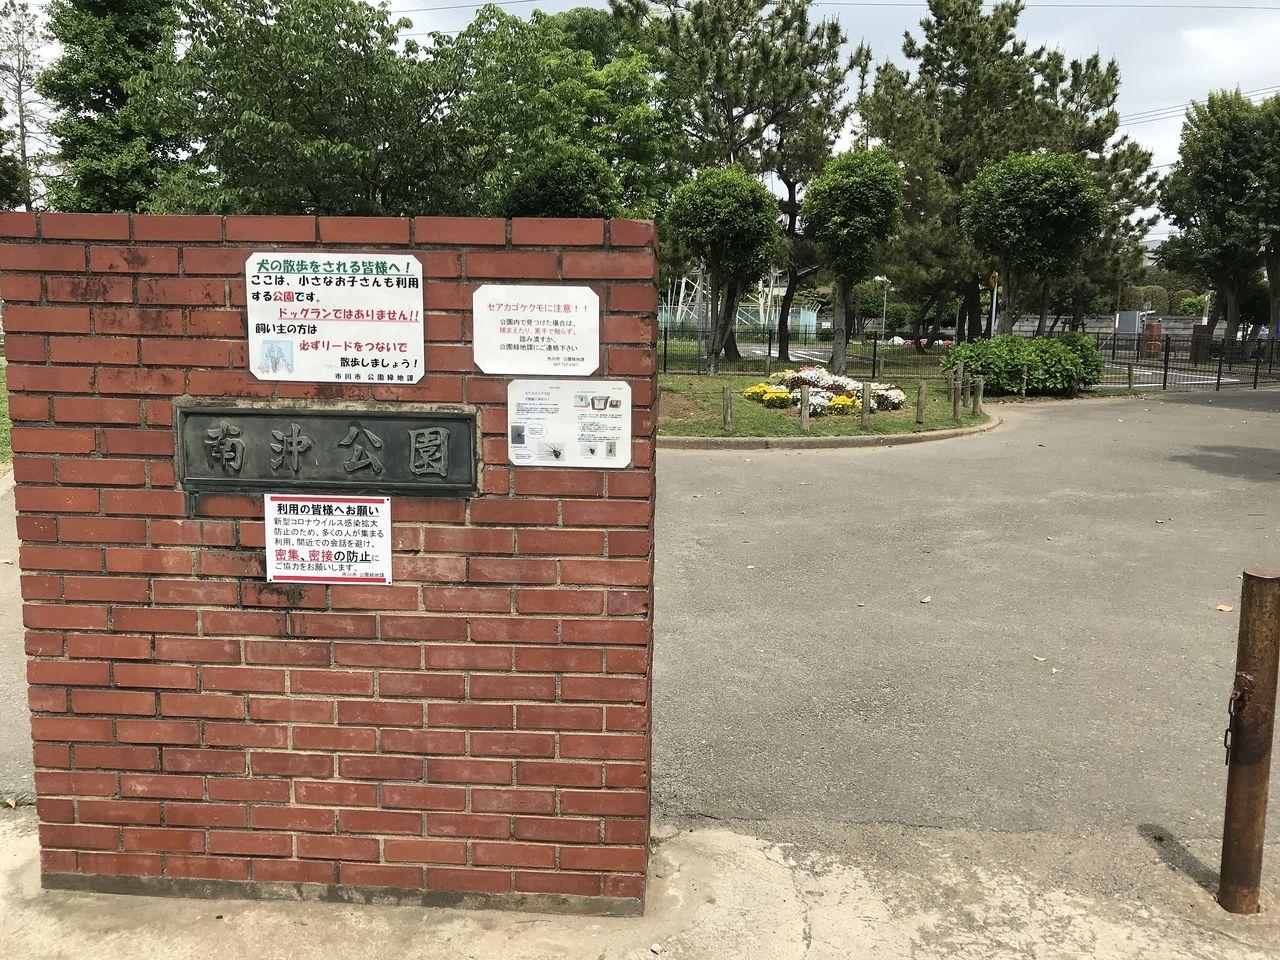 行徳の南沖公園の銘板